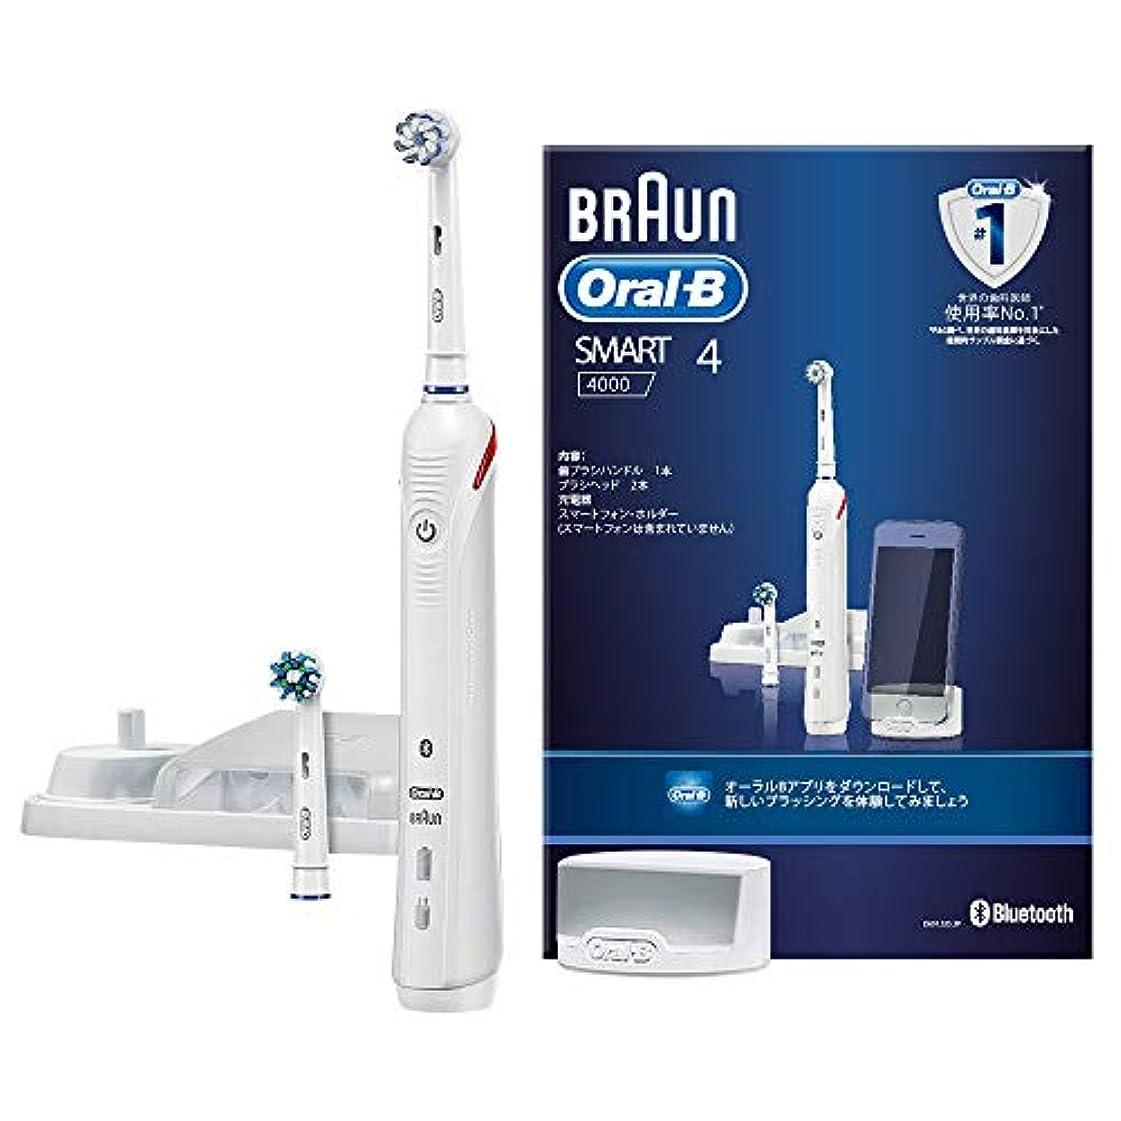 ホイスト精算負ブラウン オーラルB 電動歯ブラシ スマート4000 D6015253P